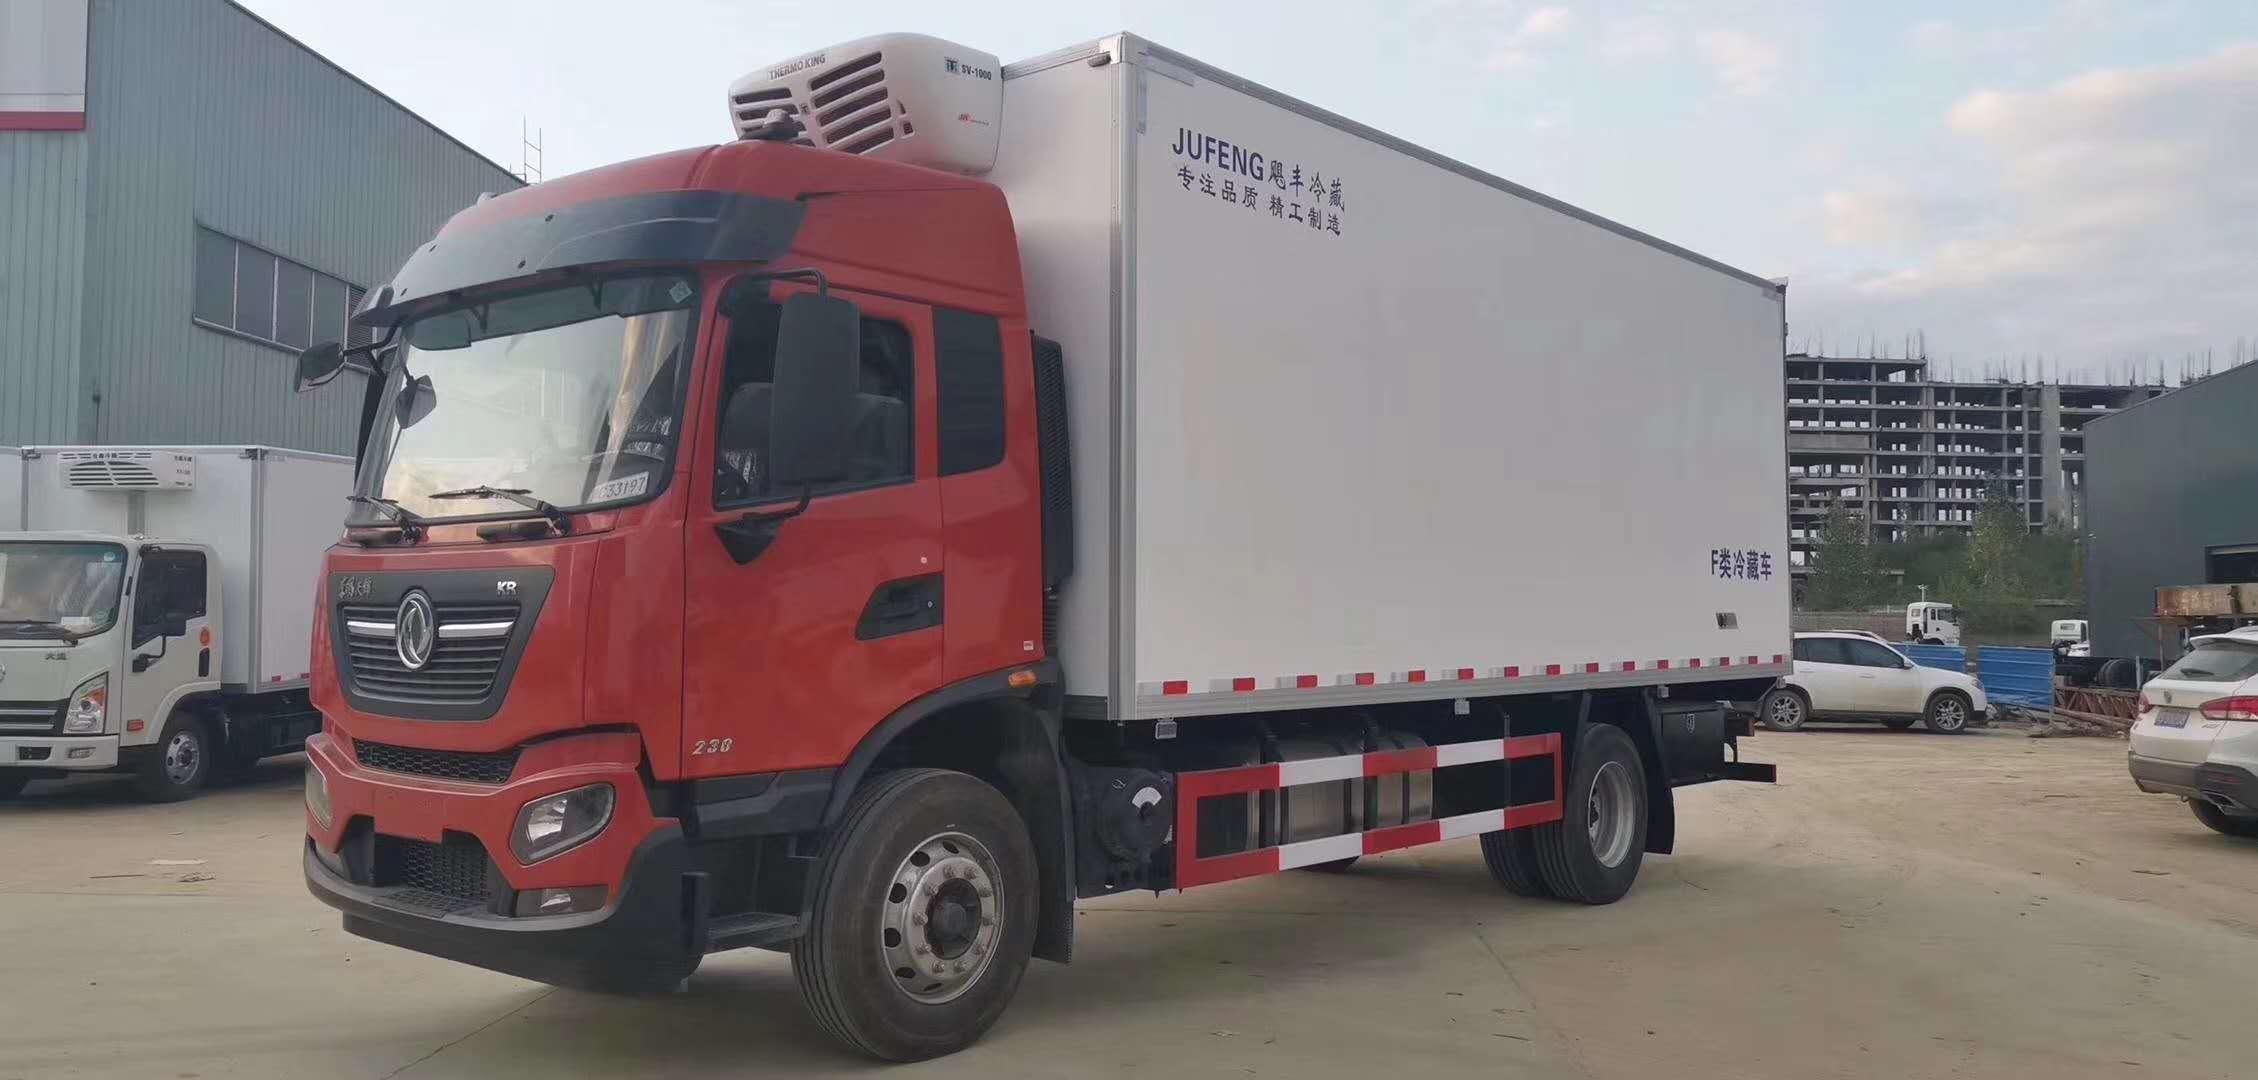 新款东风天锦6.8米厢体冷藏车厂家优惠价图片